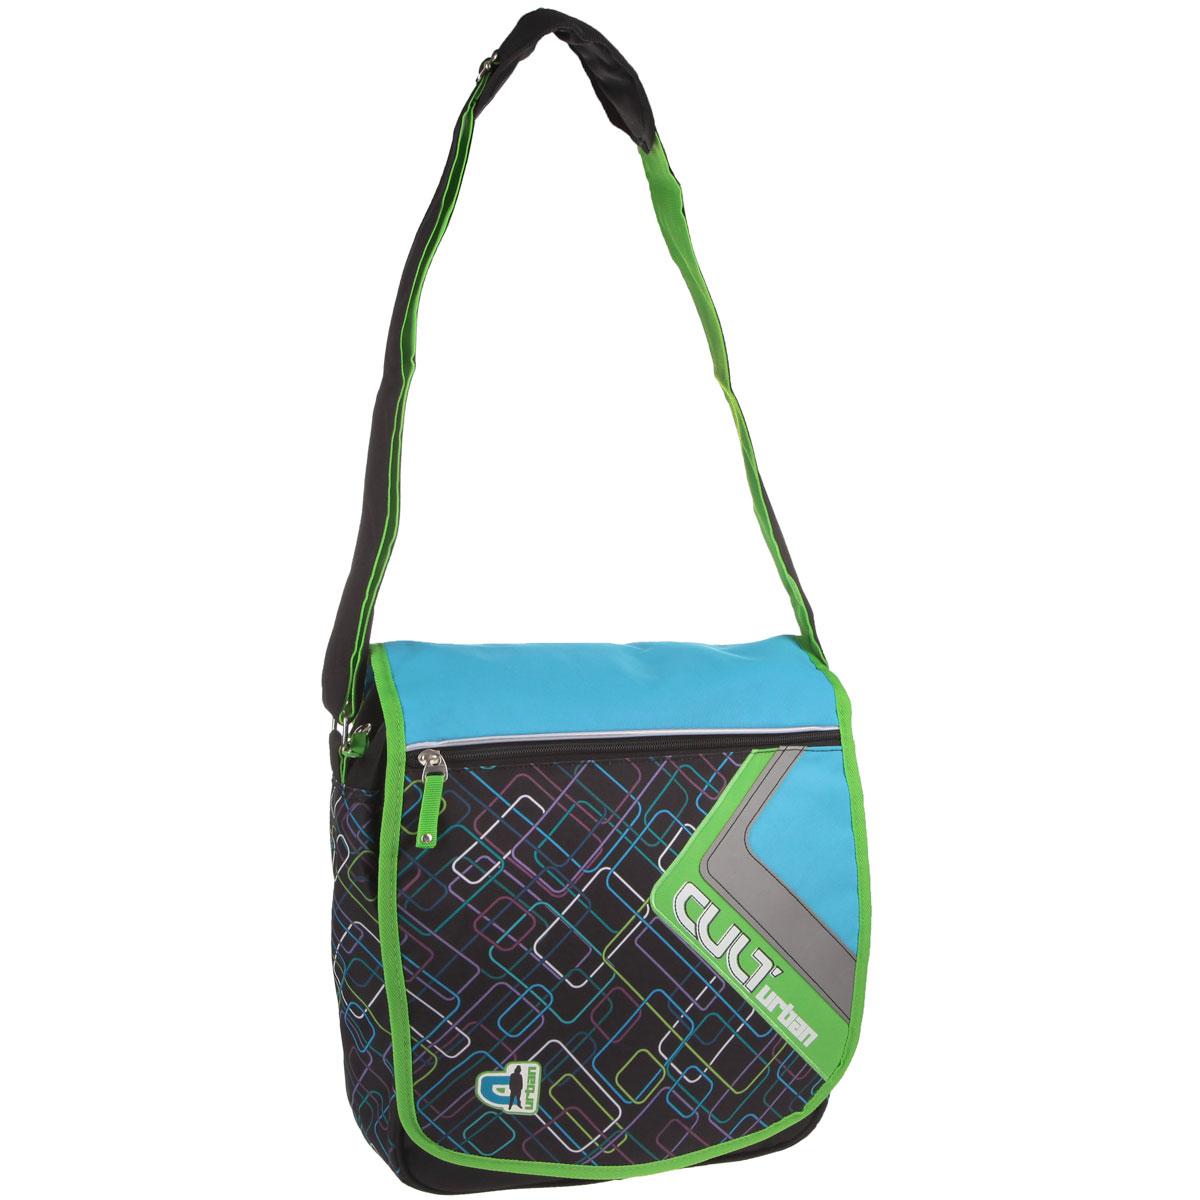 Оригинальная молодежная сумка Erich Krause Urban прекрасно подойдет для учебы, занятий спортом и повседневных дел. Стильная, легкая и удобная сумка с ярким принтом станет незаменимым аксессуаром. Вместительное внутреннее отделение закрывается на молнию и клапан с липучками, в него поместятся все необходимые школьные принадлежности или спортивная форма. Внутри имеется врезной карман на молнии, куда можно разместить предметы небольшого размера. Под клапаном сумка дополнена несколькими карманами: большой врезной карман на молнии, маленький накладной кармашек также на молнии, отделение для телефона, закрывающееся на хлястик с липучкой и два отделения для пишущих принадлежностей. На клапане имеется вместительный карман на застежке-молнии. С задней стороны сумки расположен врезной карман на молнии. Плотная и широкая лямка с подвижным уплотнителем свободно регулируется по длине, что позволяет носить сумку школьникам разного возраста. Лаконичный и сдержанный дизайн подчеркнет индивидуальность и порадует своей функциональностью.